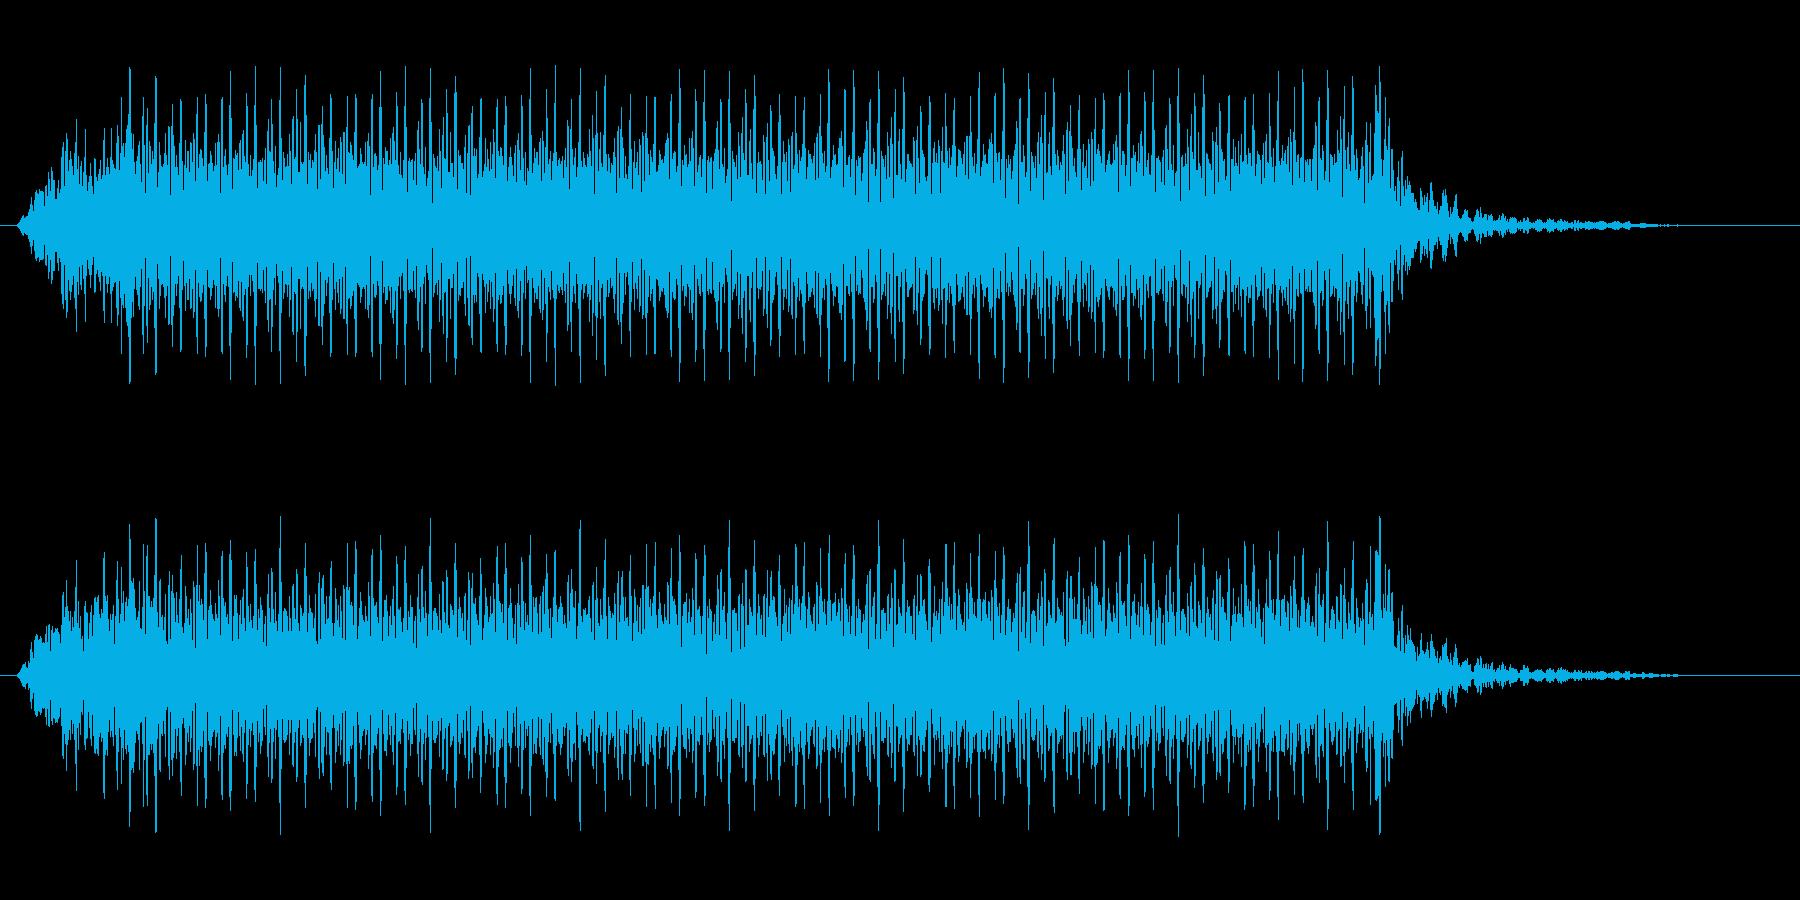 ミシンで縫っている音(ウィーン)の再生済みの波形